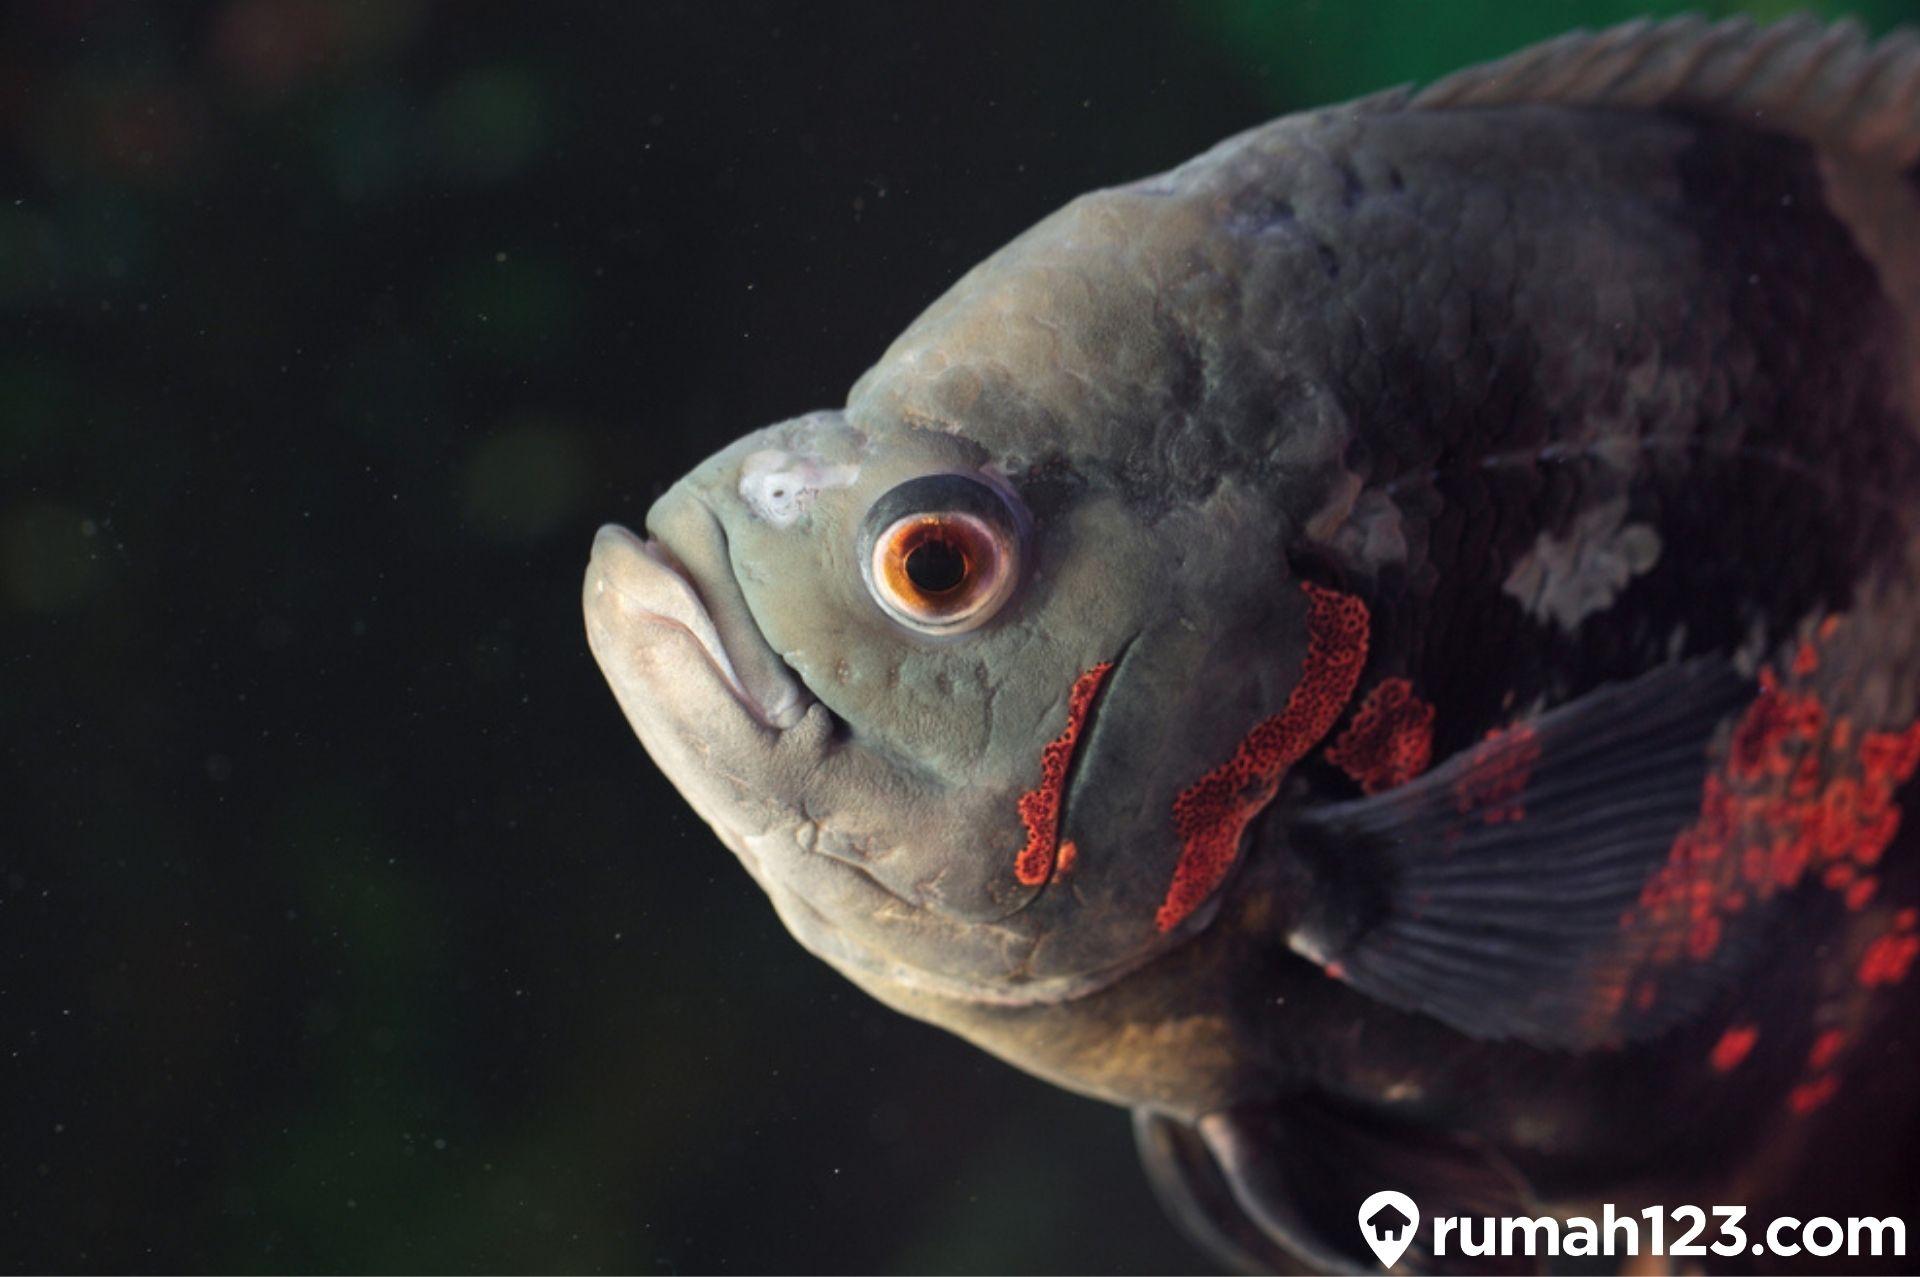 Mengenal 11 Jenis Ikan Oscar Ikan Predator Yang Bisa Dipelihara Di Rumah Rumah123 Com